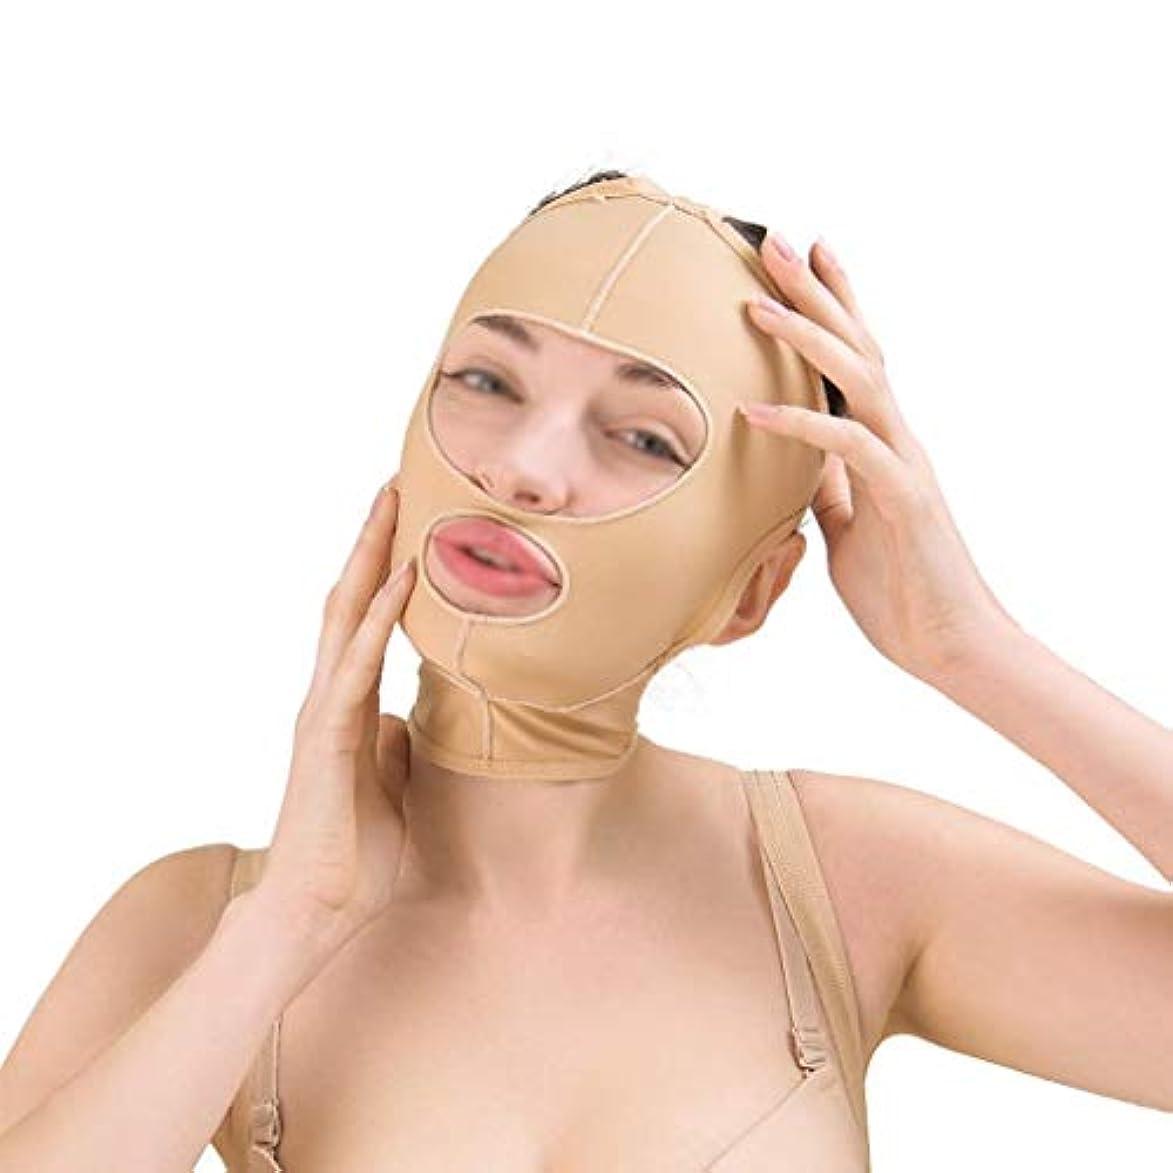 カリングアブストラクト降下美容フェイスリフト減量ベルト、ほおスリムフィット、通気性フェイスリフト、引き締め、リフティング包帯、フェイシャルスキン包帯(サイズ:M),M